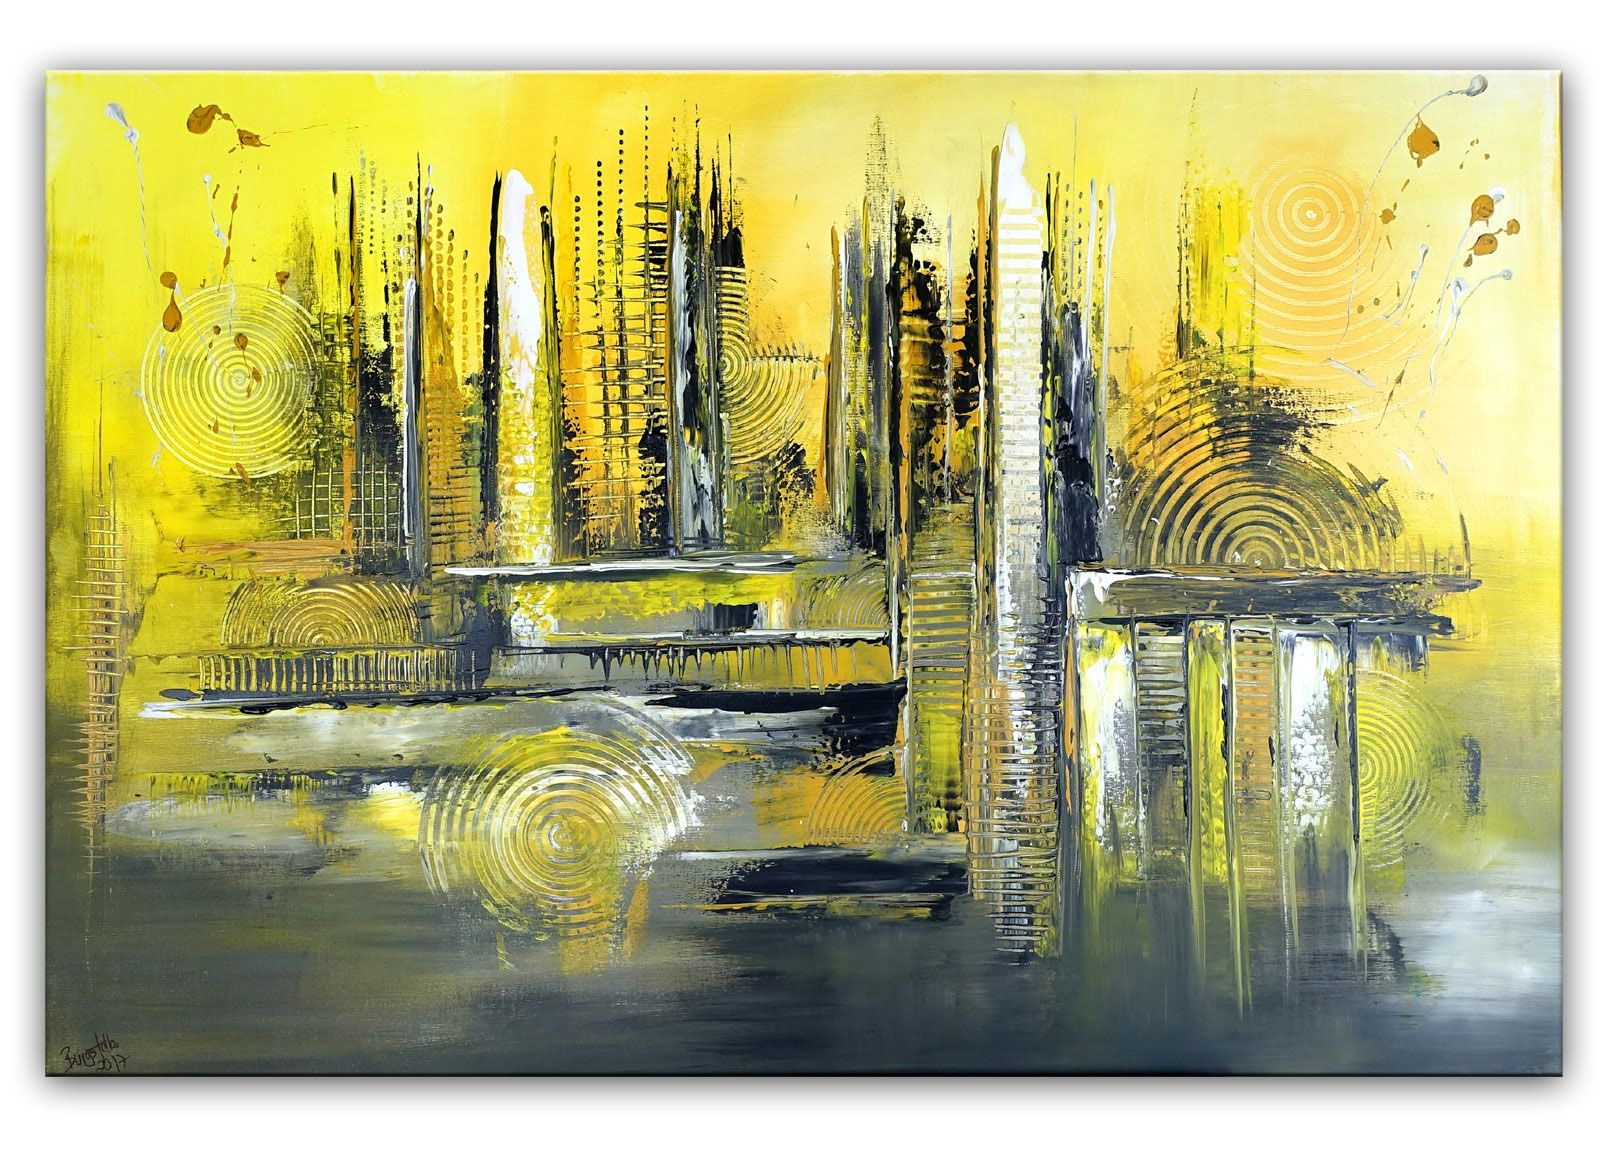 skyline grun gelb abstraktes kunst bild handgemalt abstrakt abstrakte bilder geometrische formen